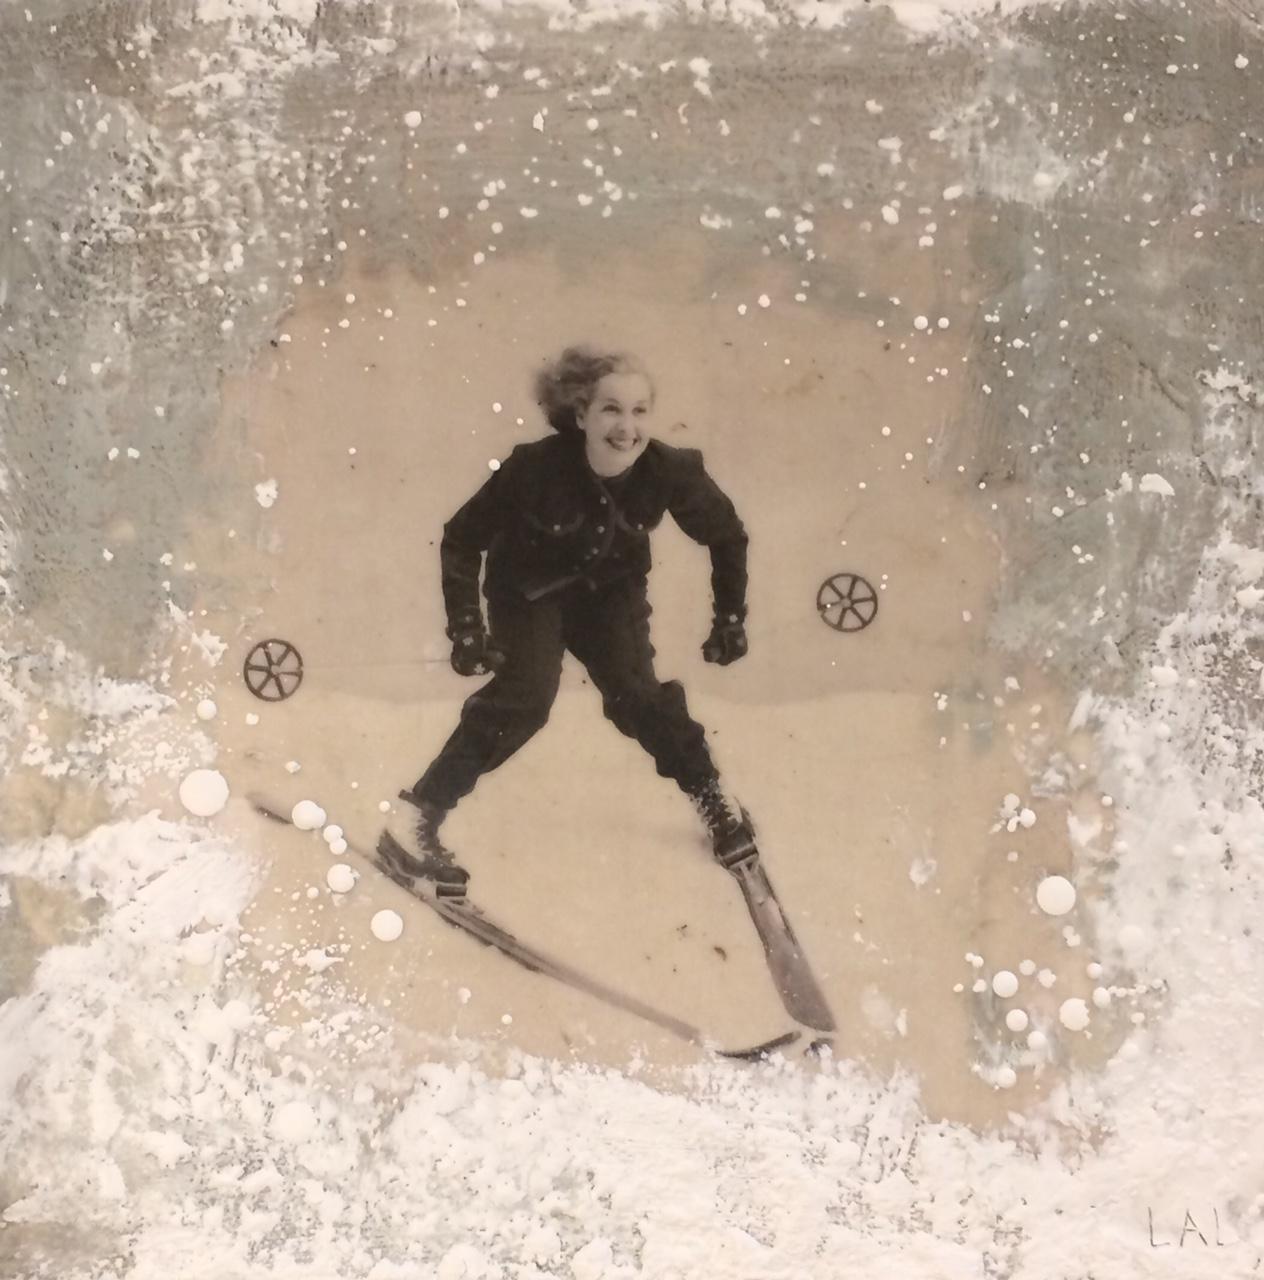 LaForge. Vintage Skier 2